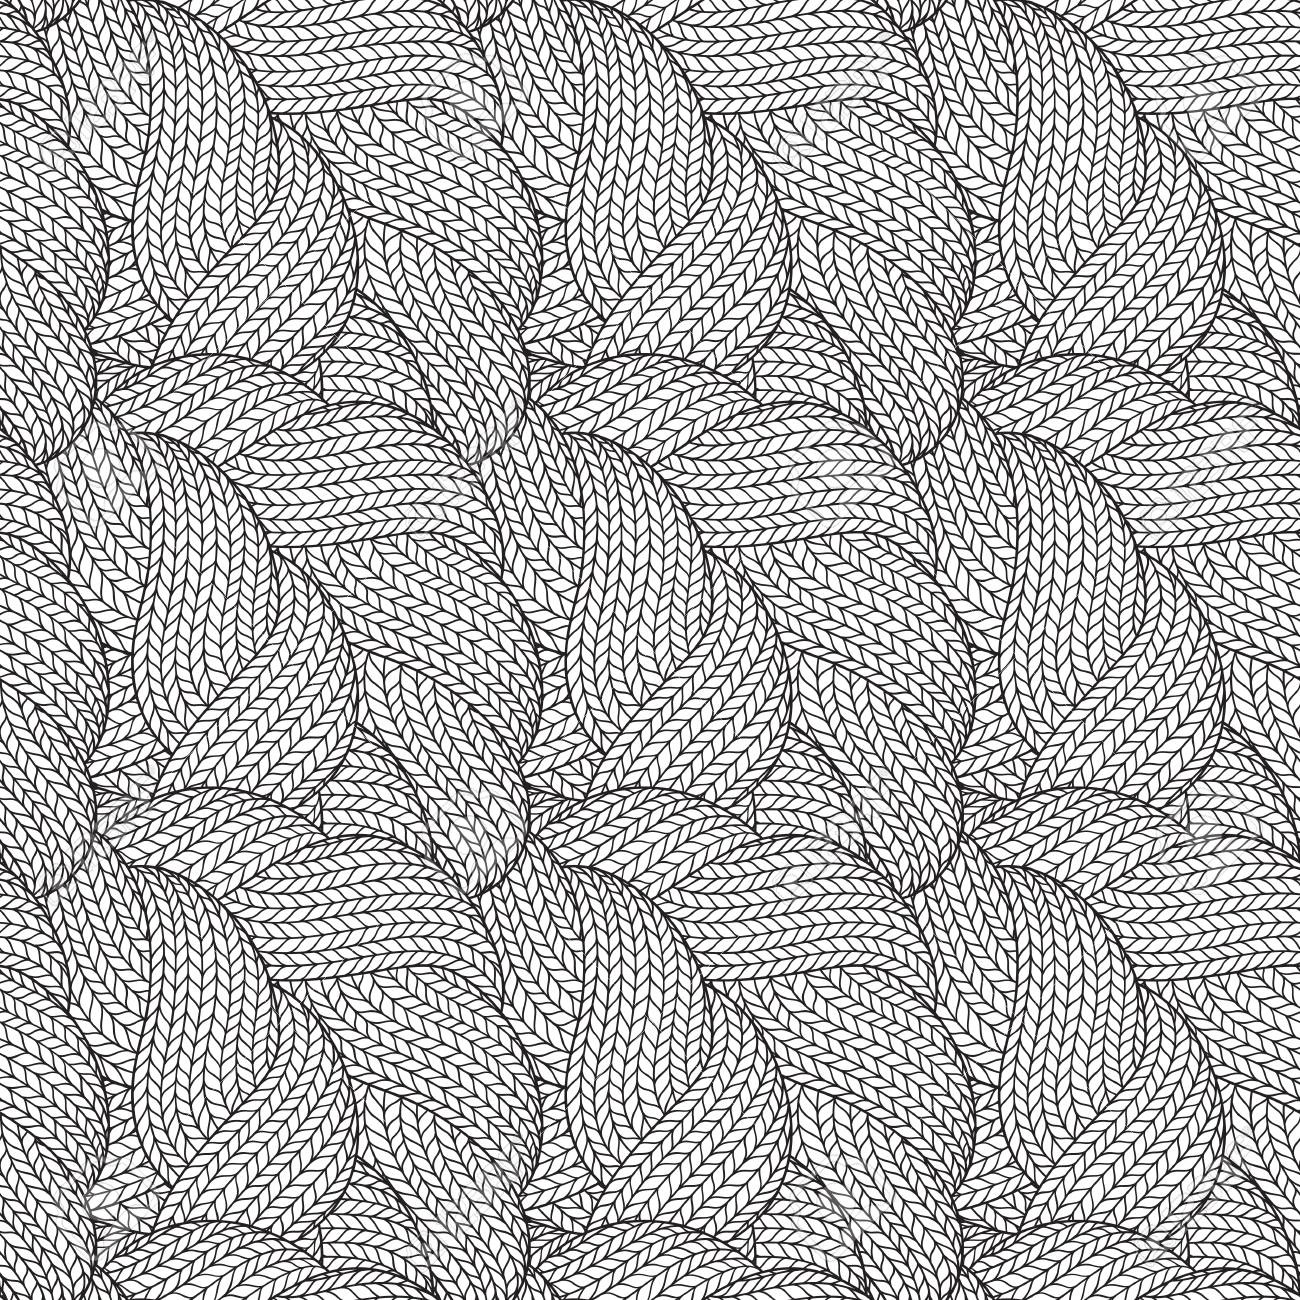 Resumen Mano Dibujada Monocromo Sin Fisuras Patrón Abstracto Con ...